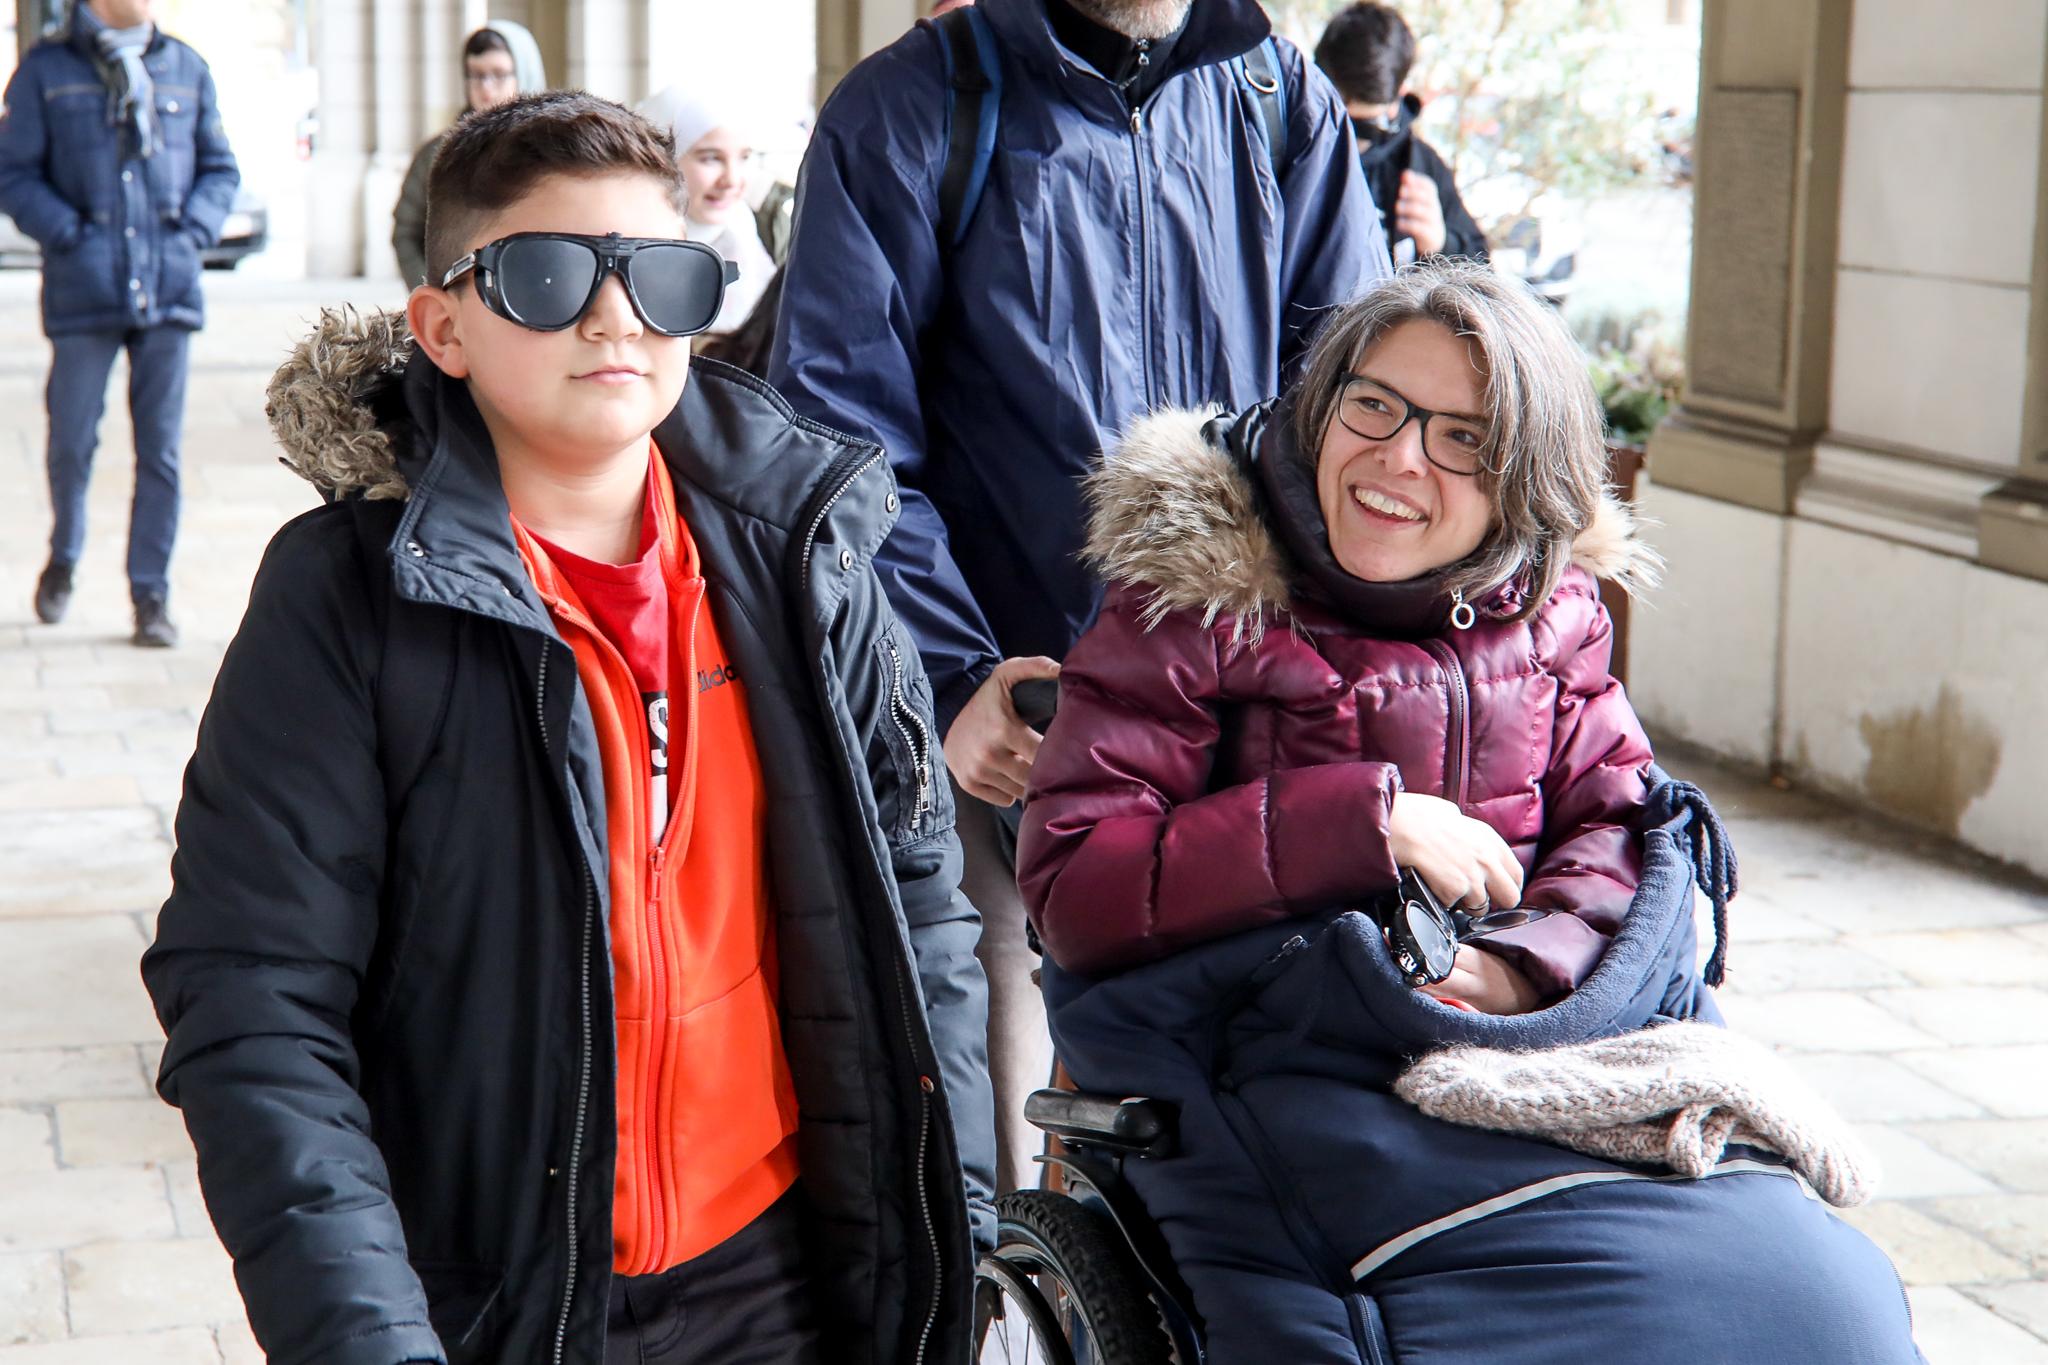 Ein Schüler geht mit einer Schlechtsehbrille. Maria Grundner, Expertin für Barrierefreiheit, fährt daneben mit dem Rollstuhl.